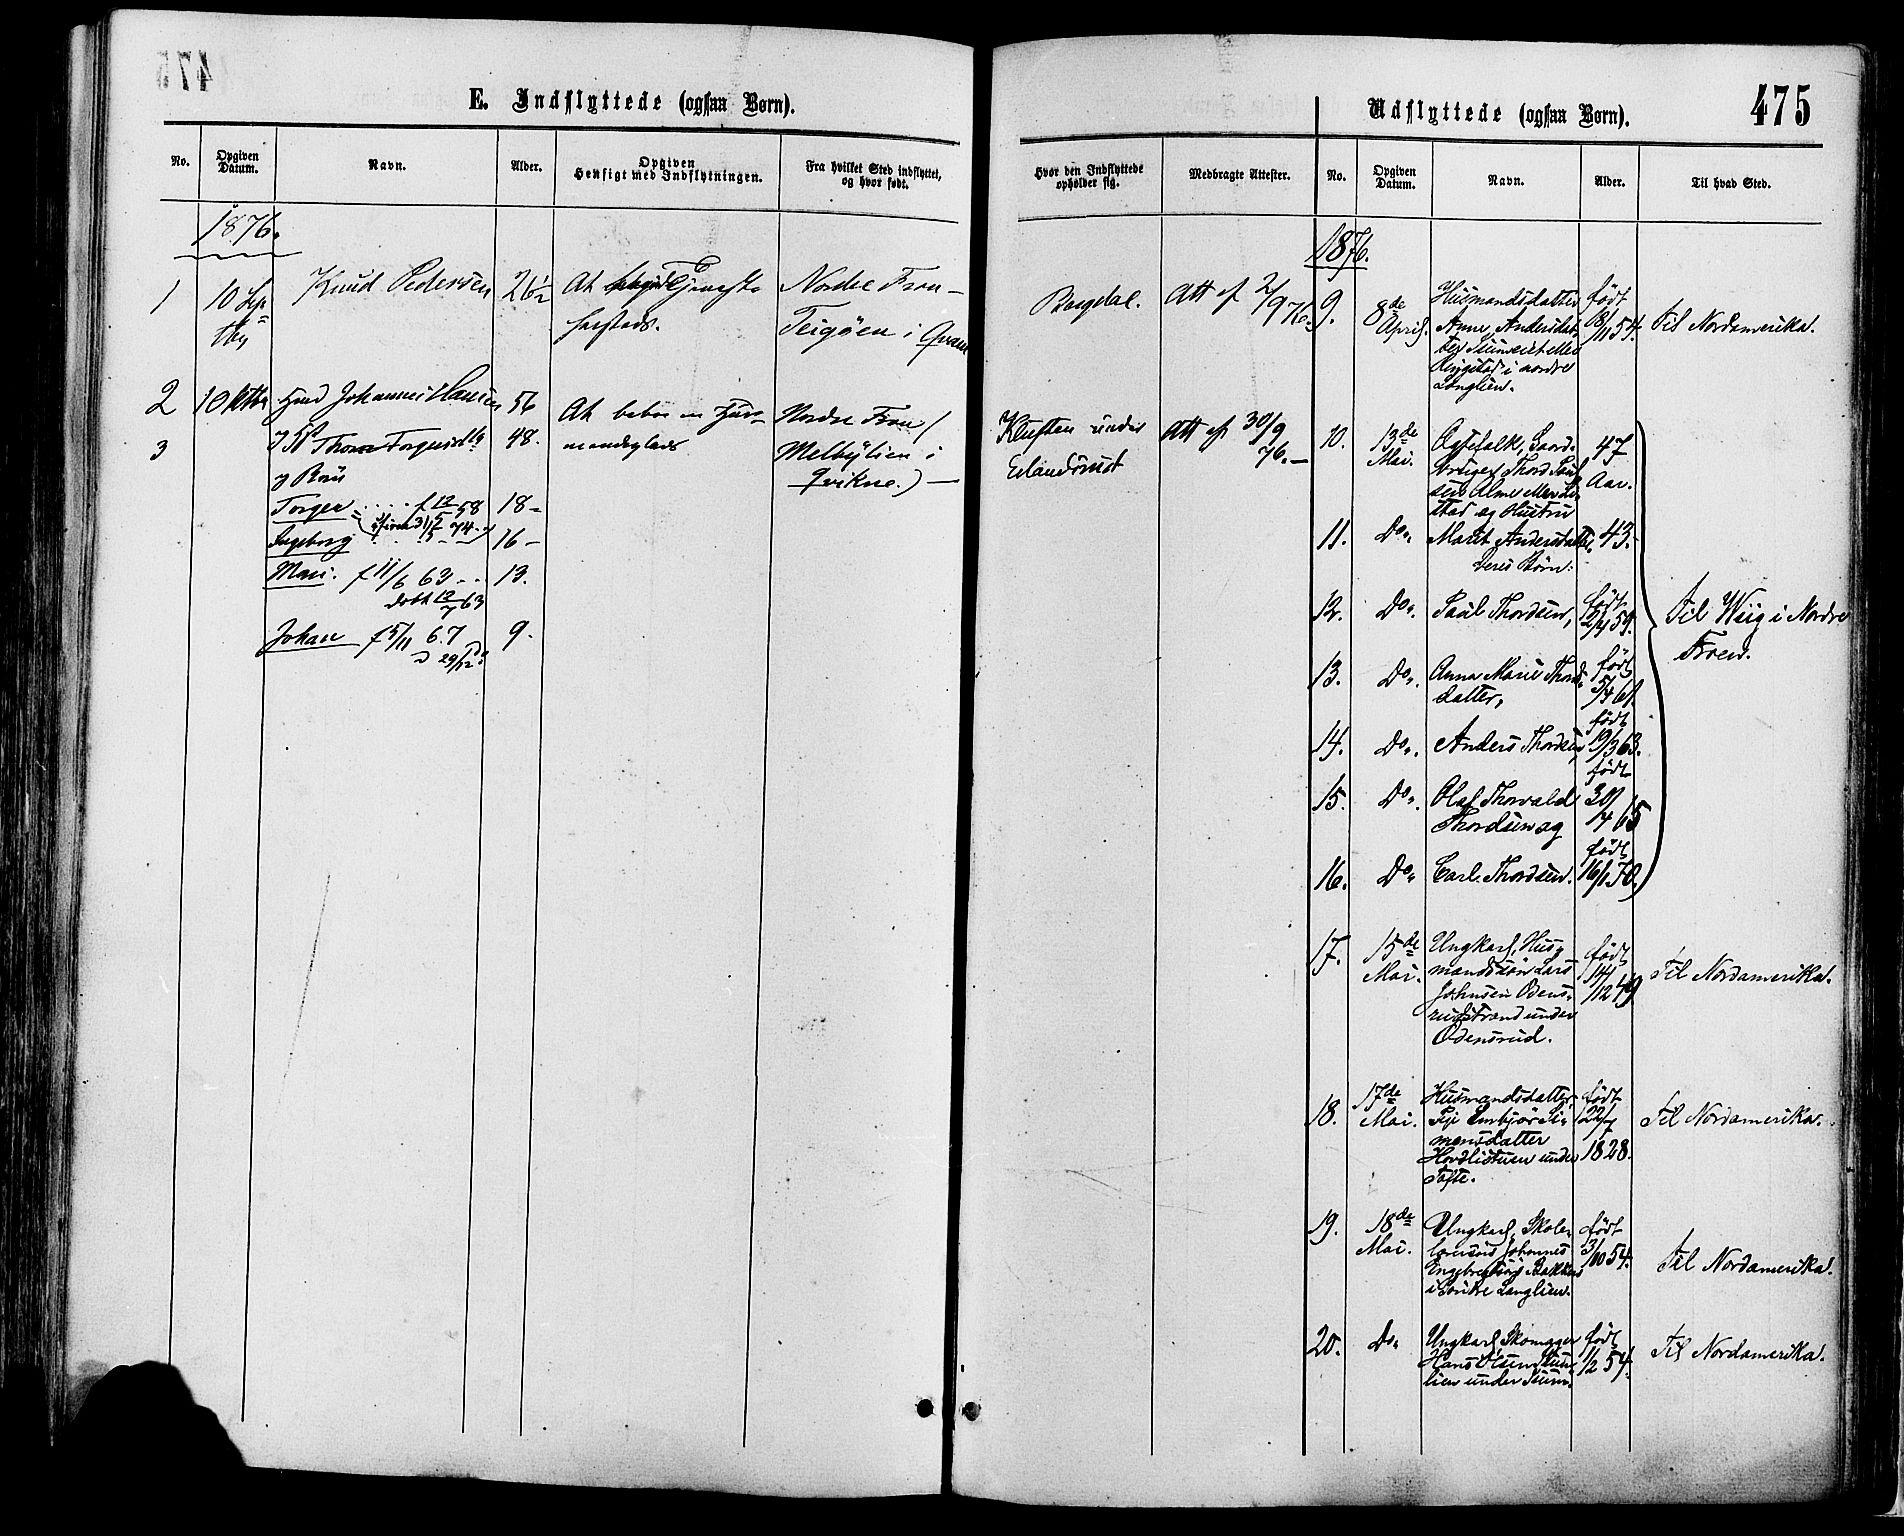 SAH, Sør-Fron prestekontor, H/Ha/Haa/L0002: Ministerialbok nr. 2, 1864-1880, s. 475